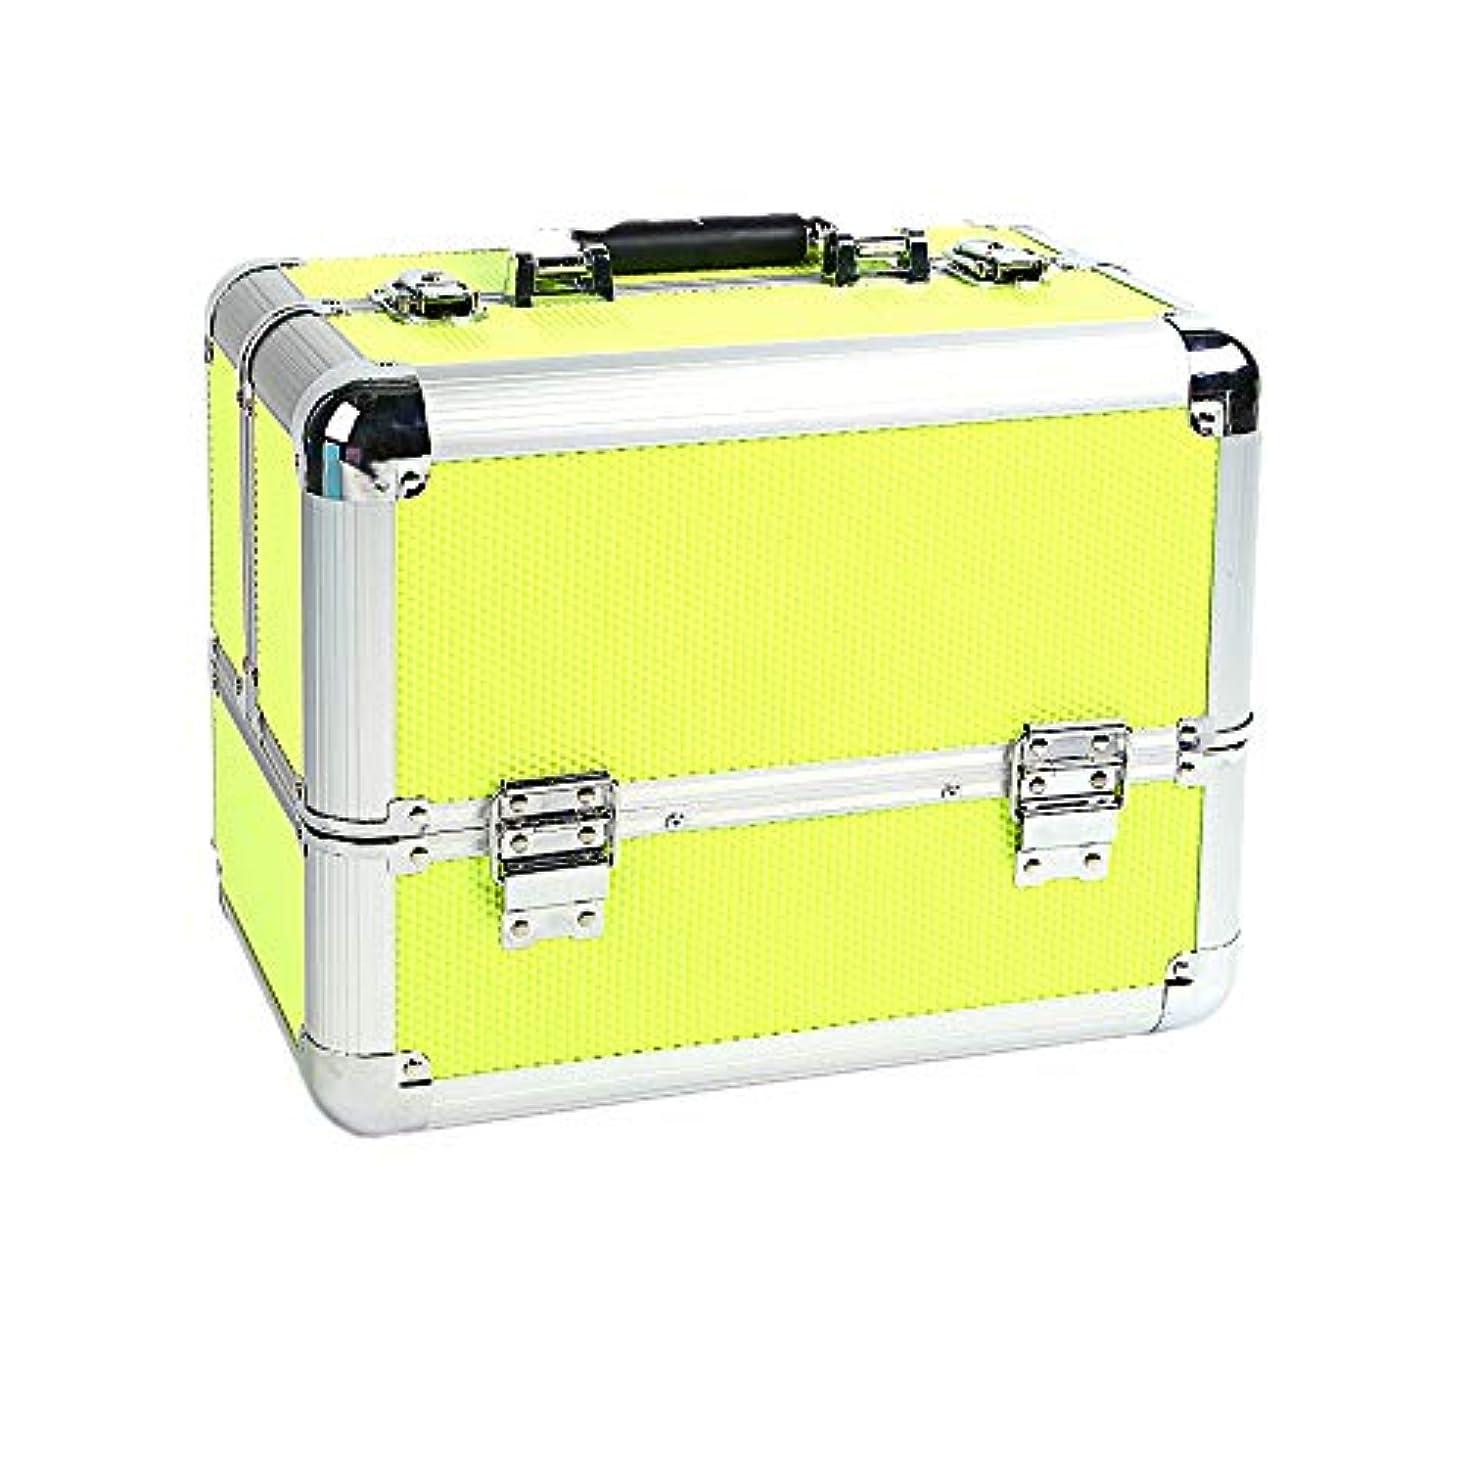 どちらか誘発するロック化粧オーガナイザーバッグ 大容量ポータブル化粧品ケース用トラベルアクセサリーシャンプーボディウォッシュパーソナルアイテムストレージロックと拡張トレイ 化粧品ケース